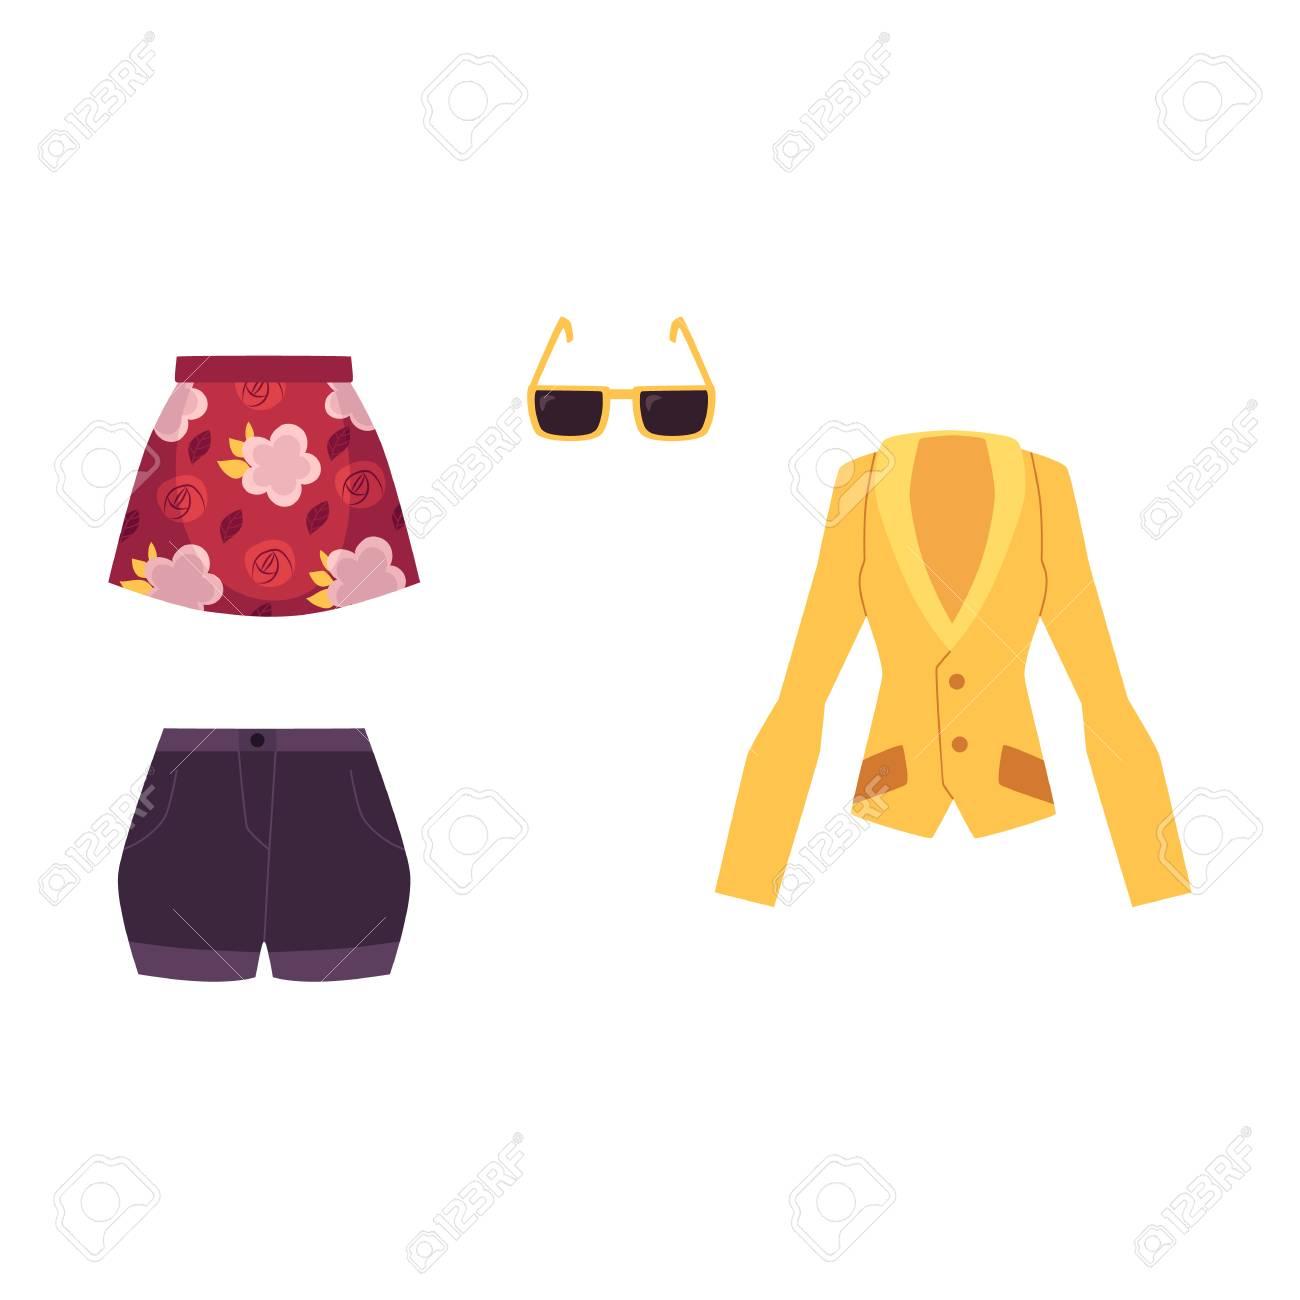 9bcbd57605a84c Tenue d'été - veste, mini jupe, shorts et lunettes de soleil, illustration  de vecteur de dessin animé isolé sur fond blanc. Vêtements d'été et ...